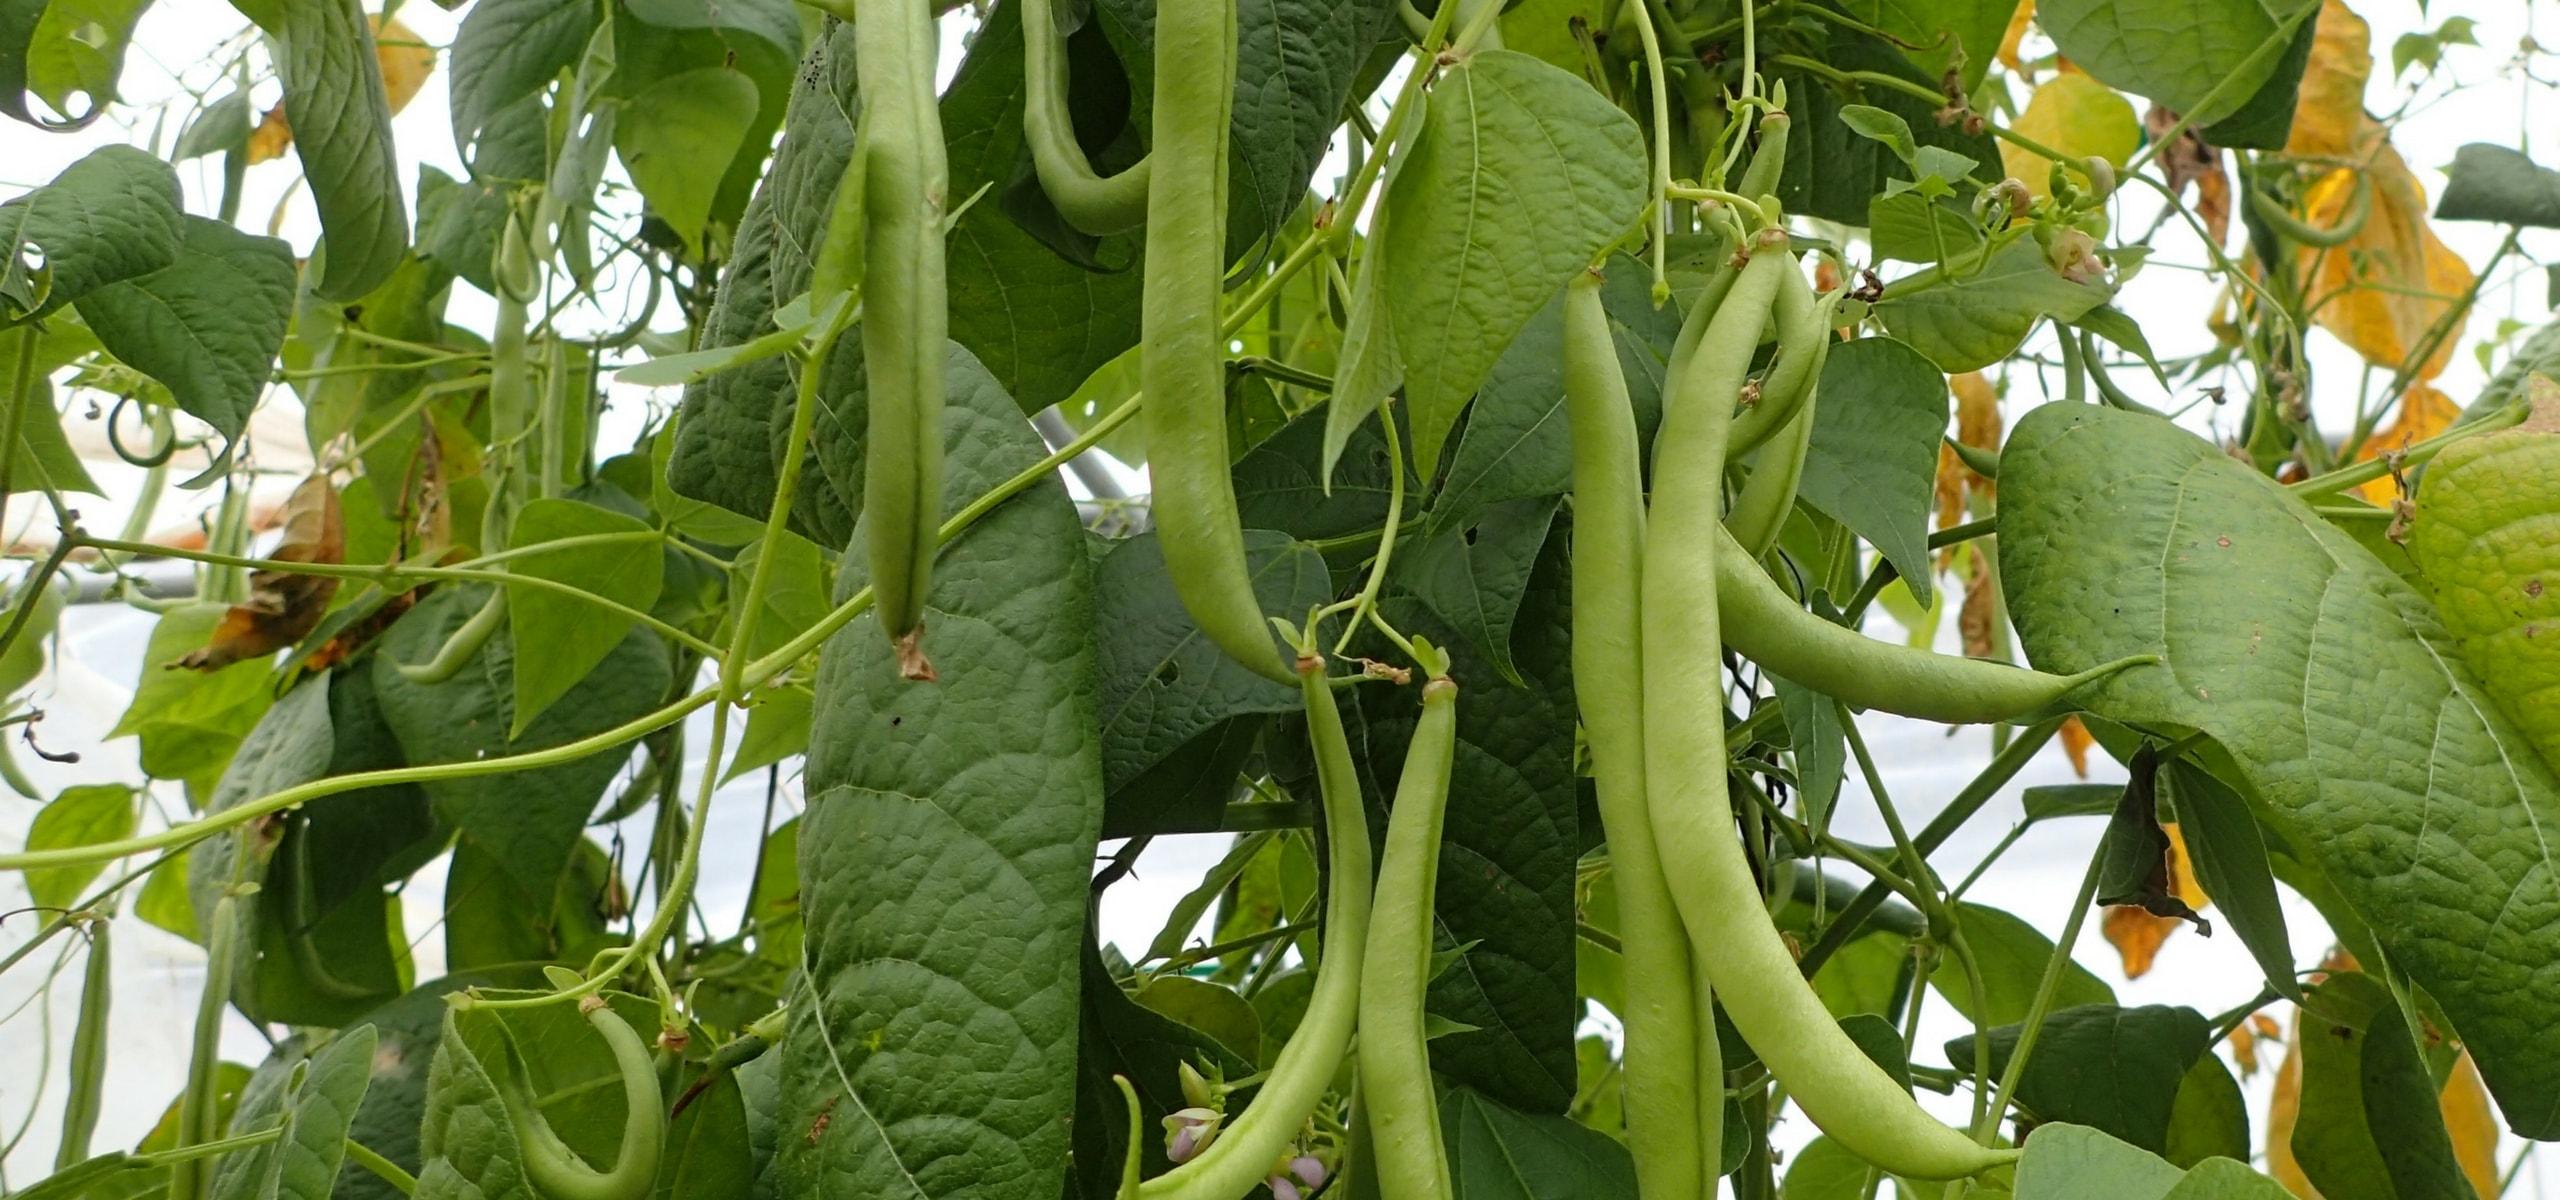 réussir la culture des haricots - promesse de fleurs